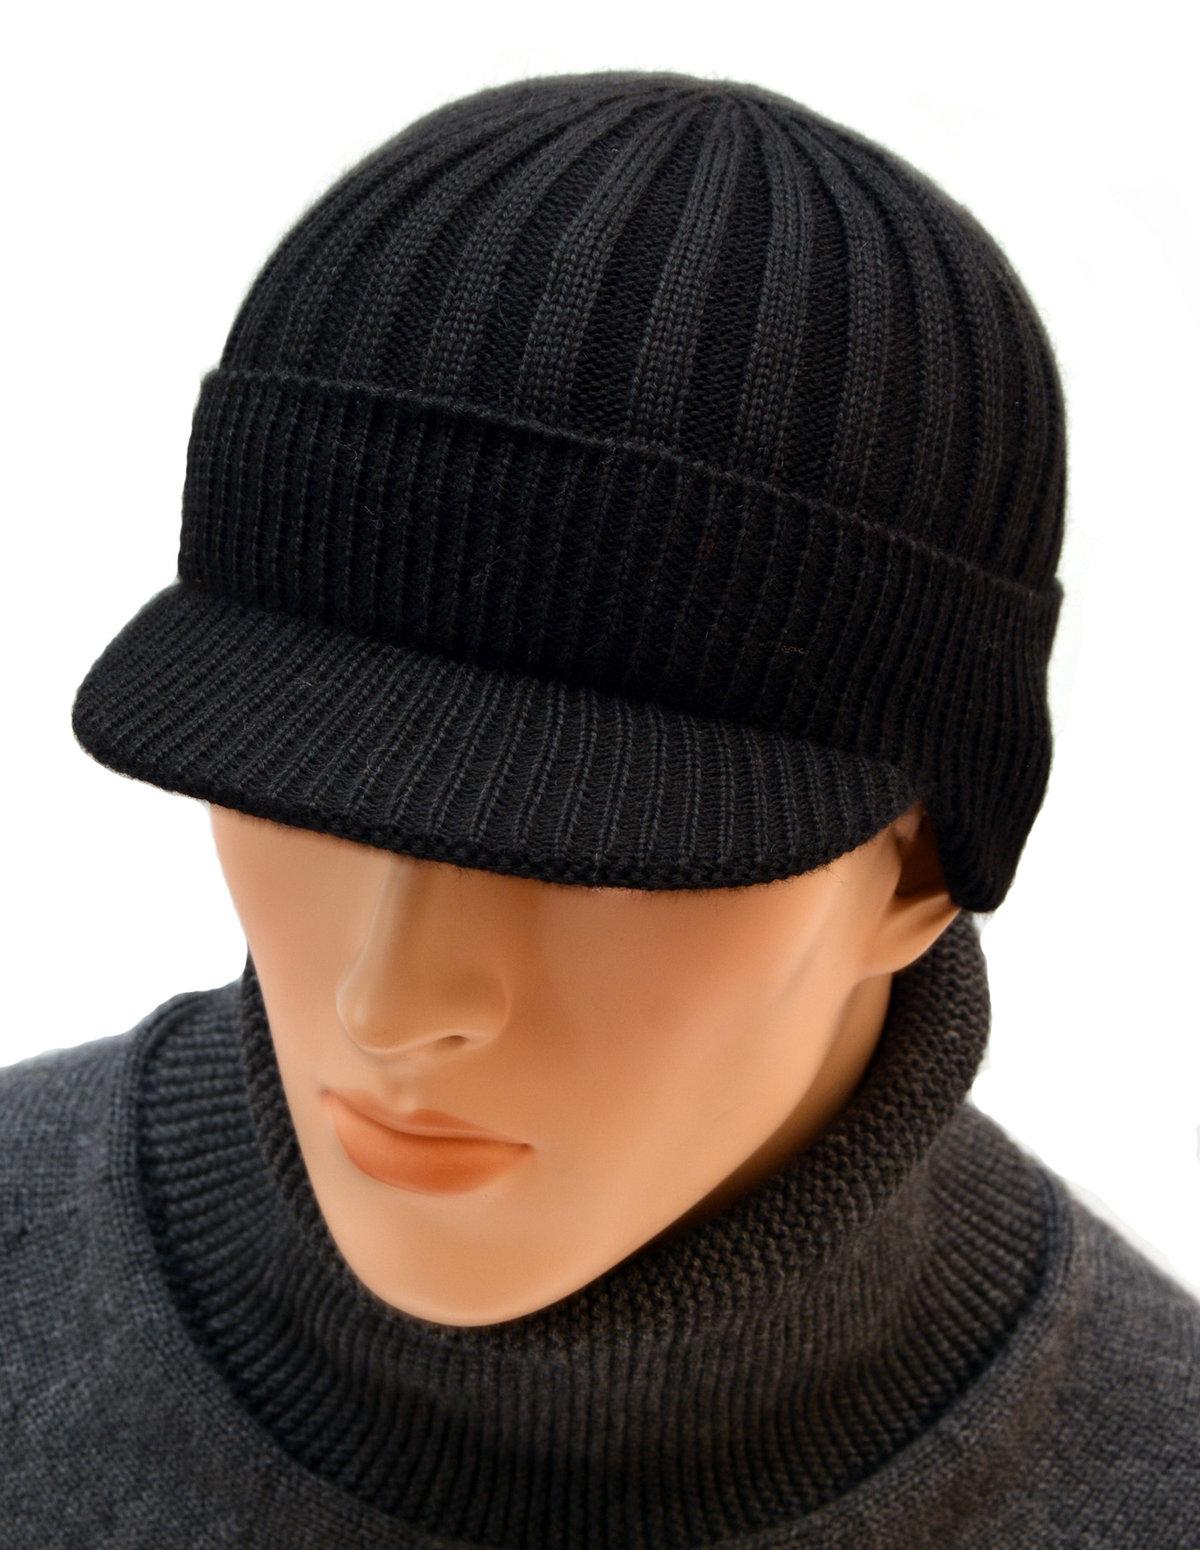 шапка с козырьком купить